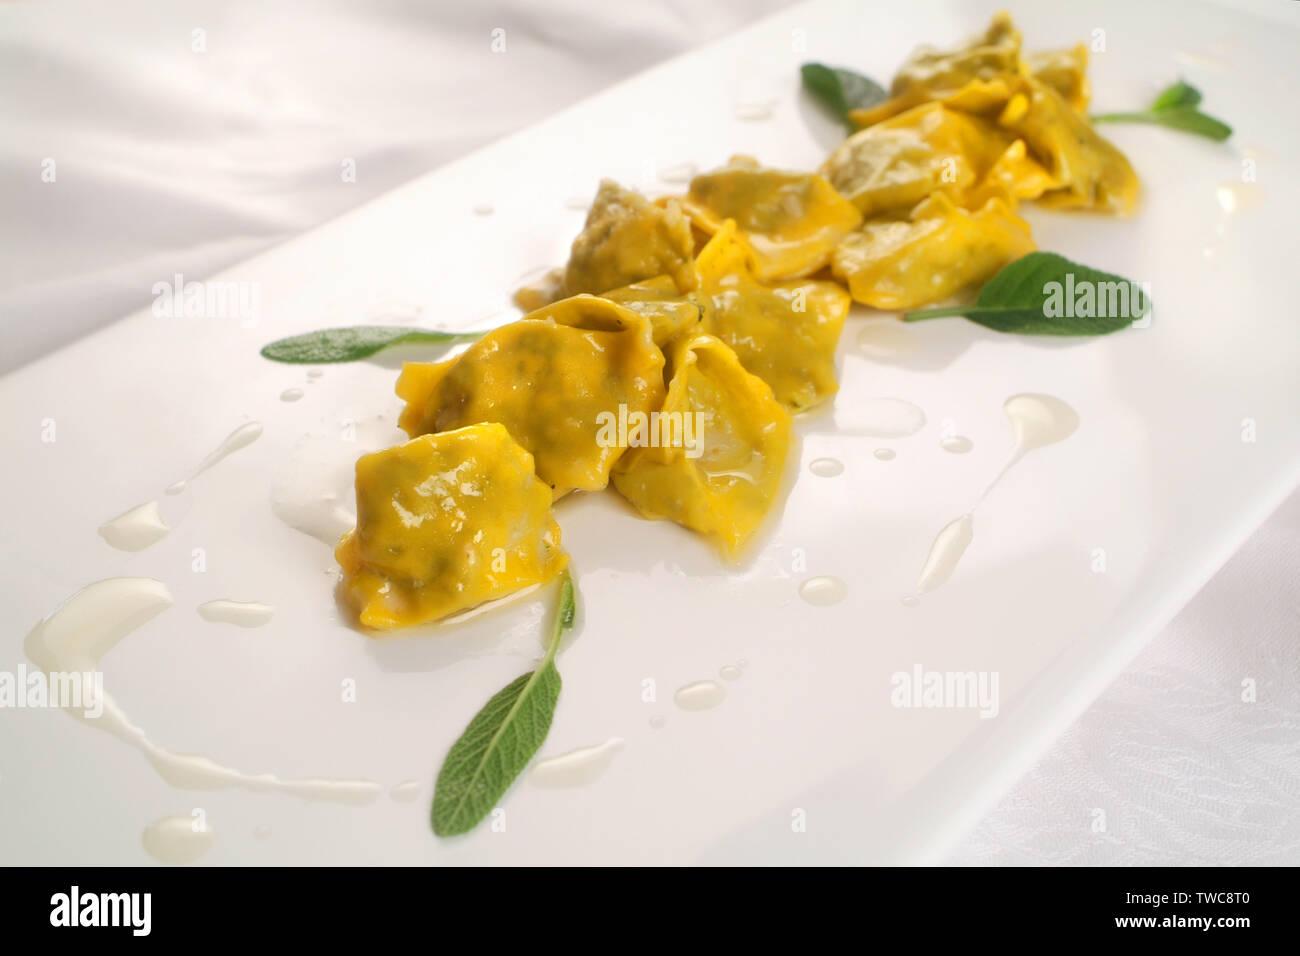 Italienische Küche Rezepte, frisch gefüllte Pasta Agnolotti ...